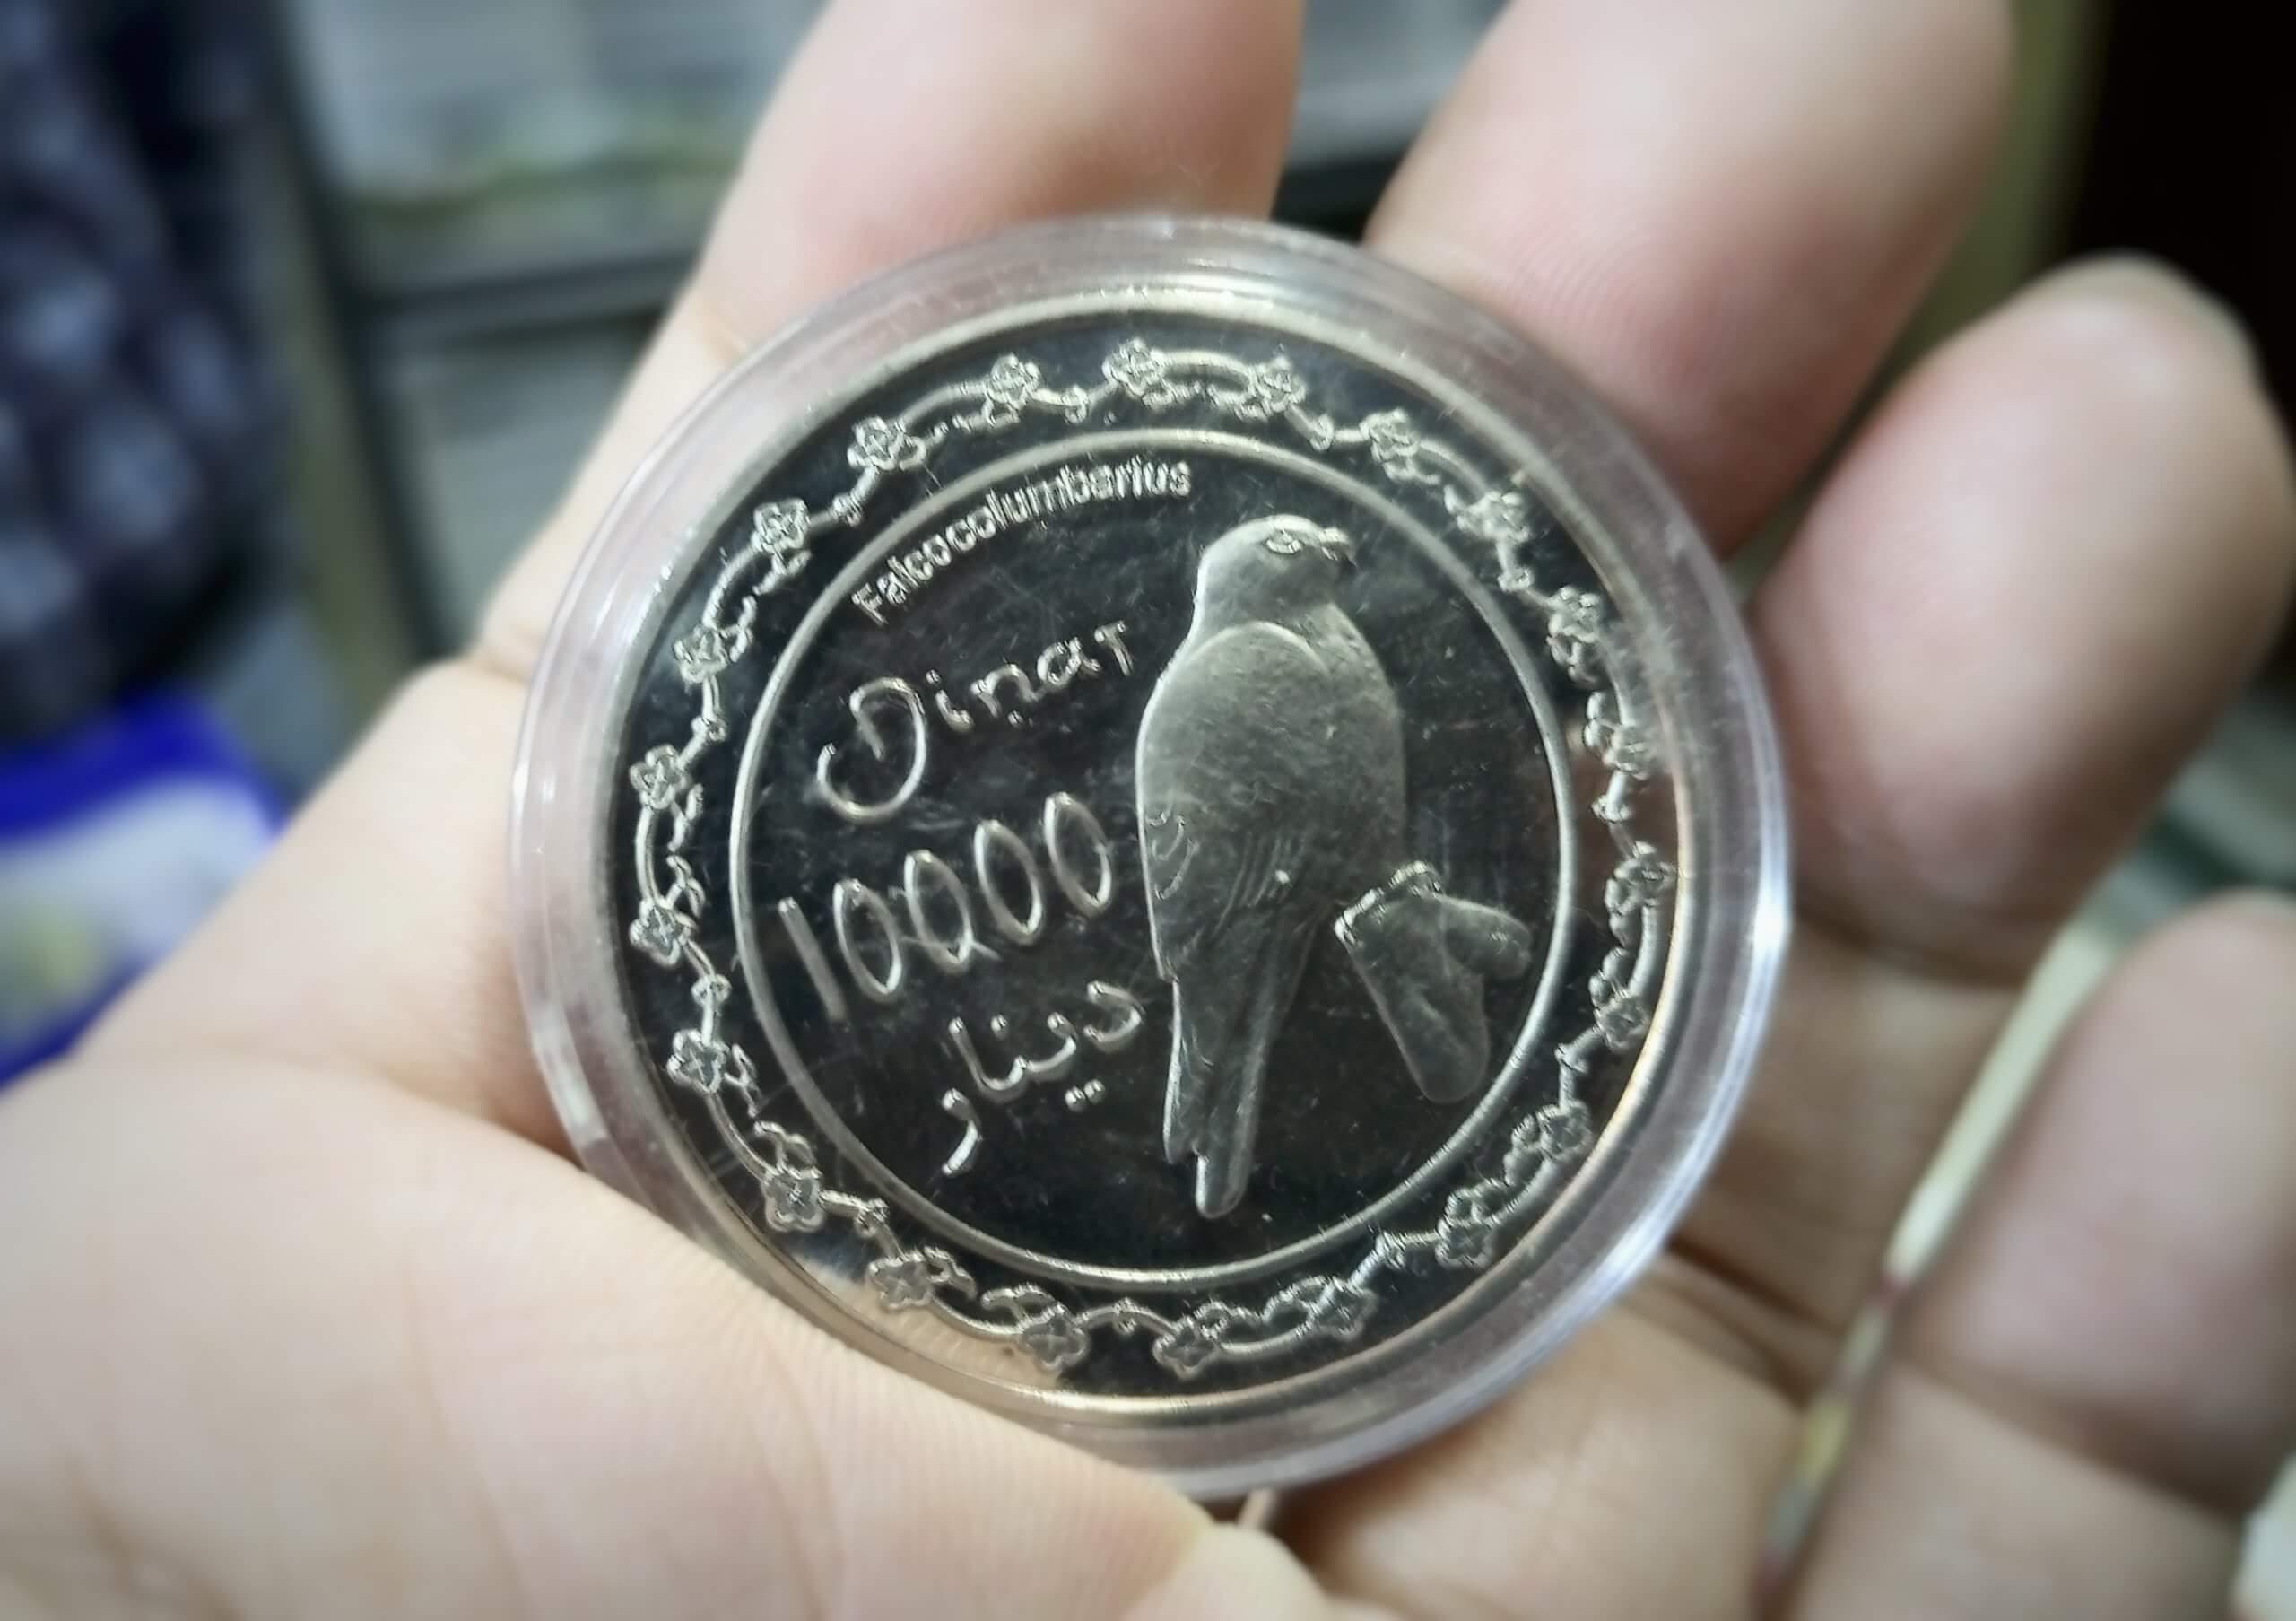 ヨルダン:街で見つけたクルドのお金